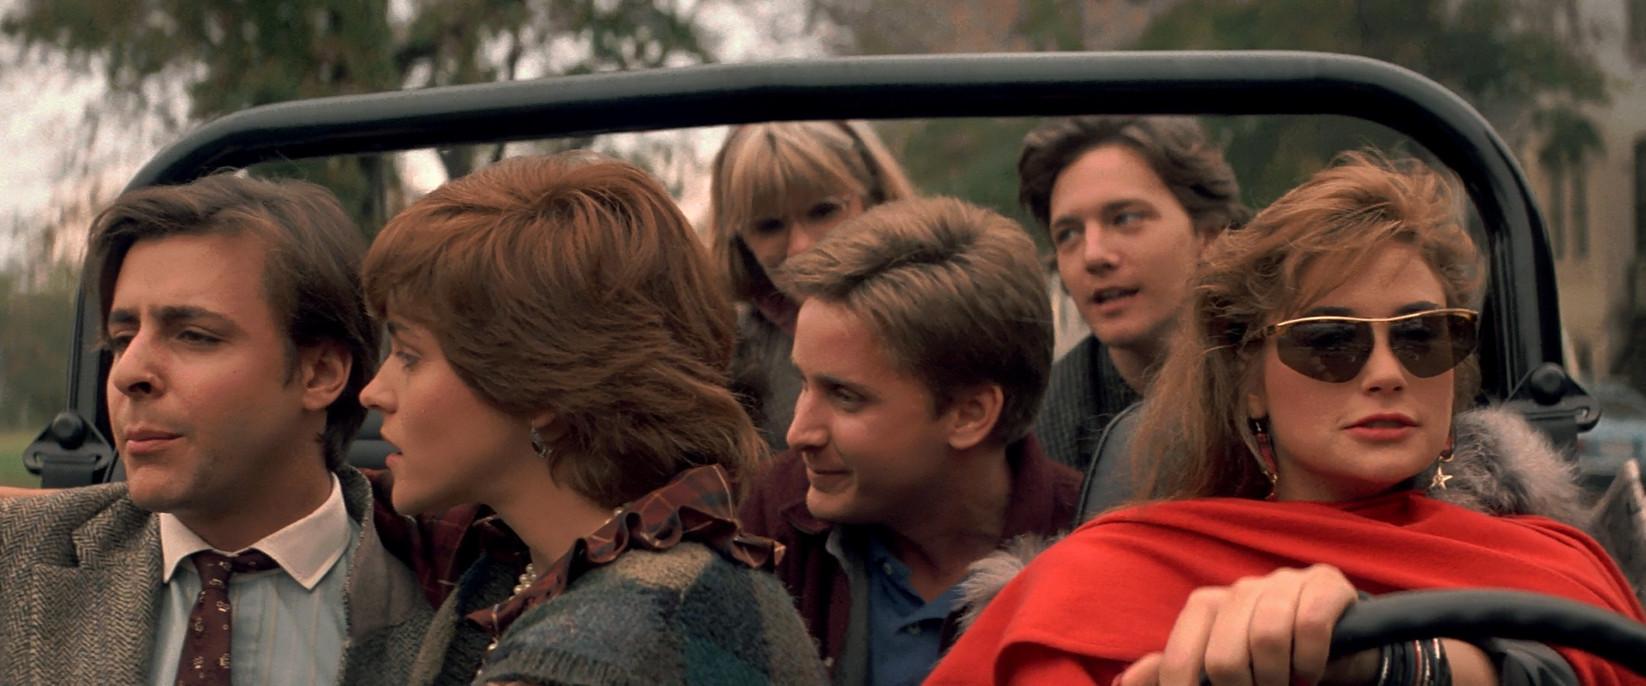 WrW8fY - St. Elmo, punto de encuentro   1985   Drama. Amistad. Adolescencia   BDrip 1080p   eng.cast DTS 5.1   12,3 GB